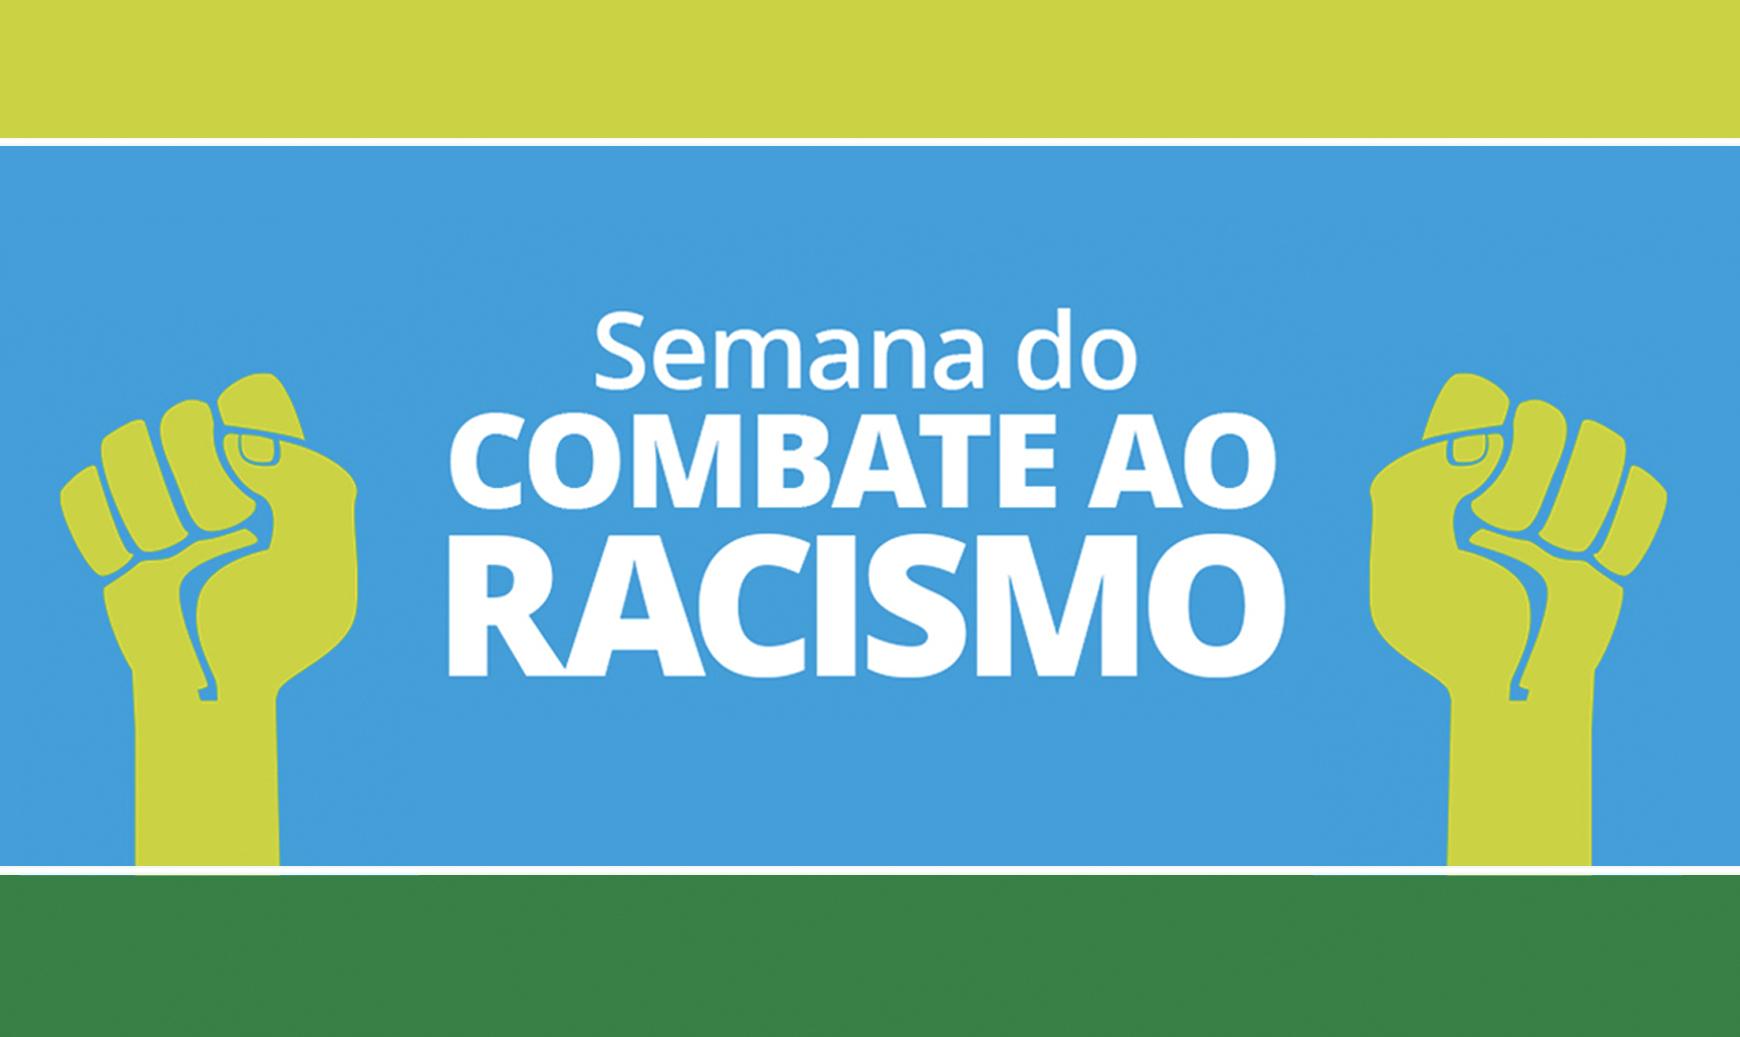 SEMANA DO COMBATE AO RACISMO